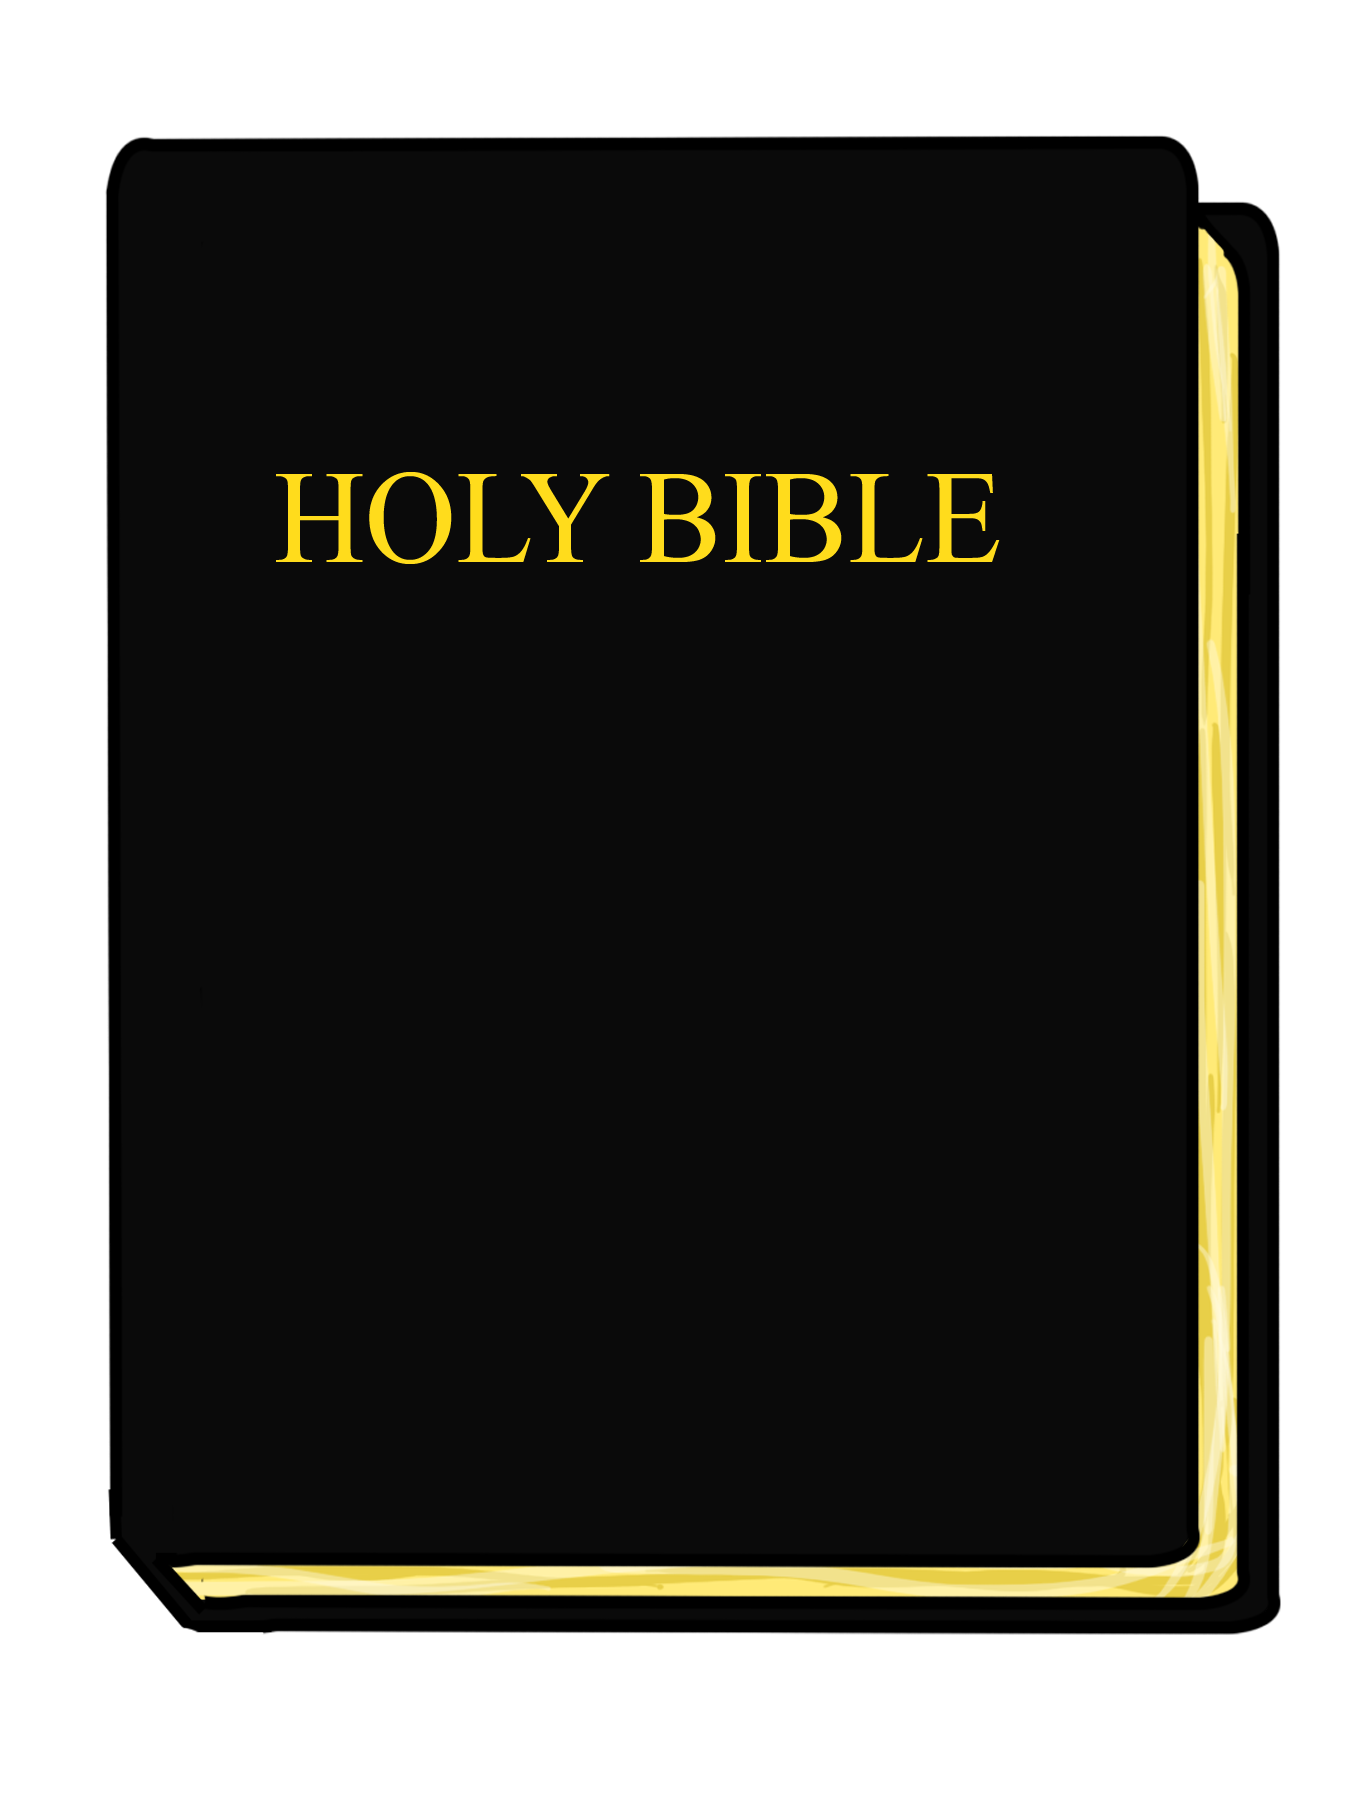 Free bible clip art images clipartix 3.